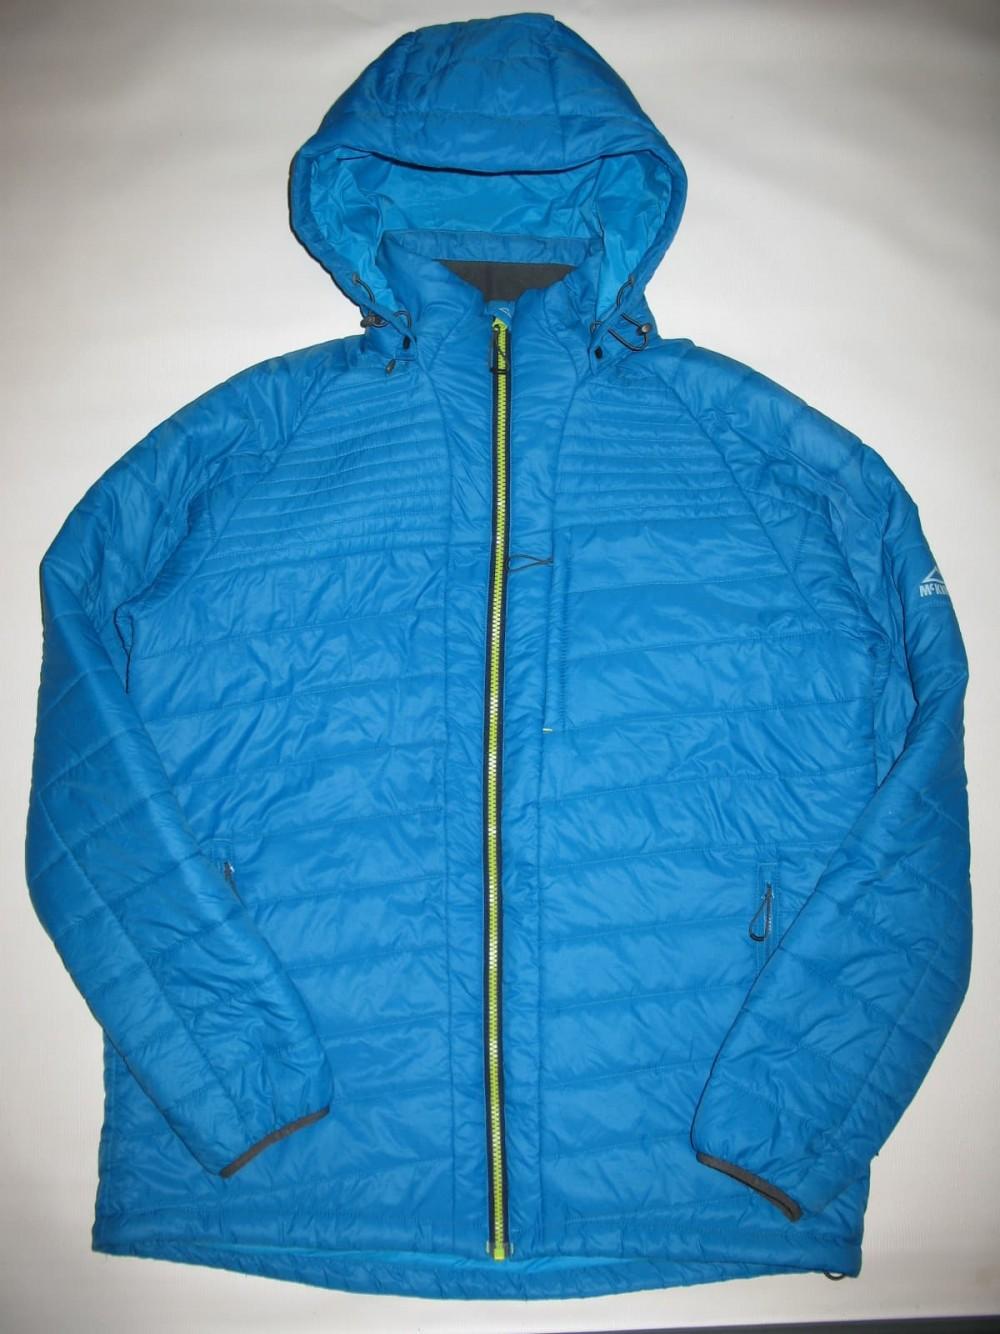 Куртка McKINLEY cando primaloft 100 jacket (размер XL) - 1